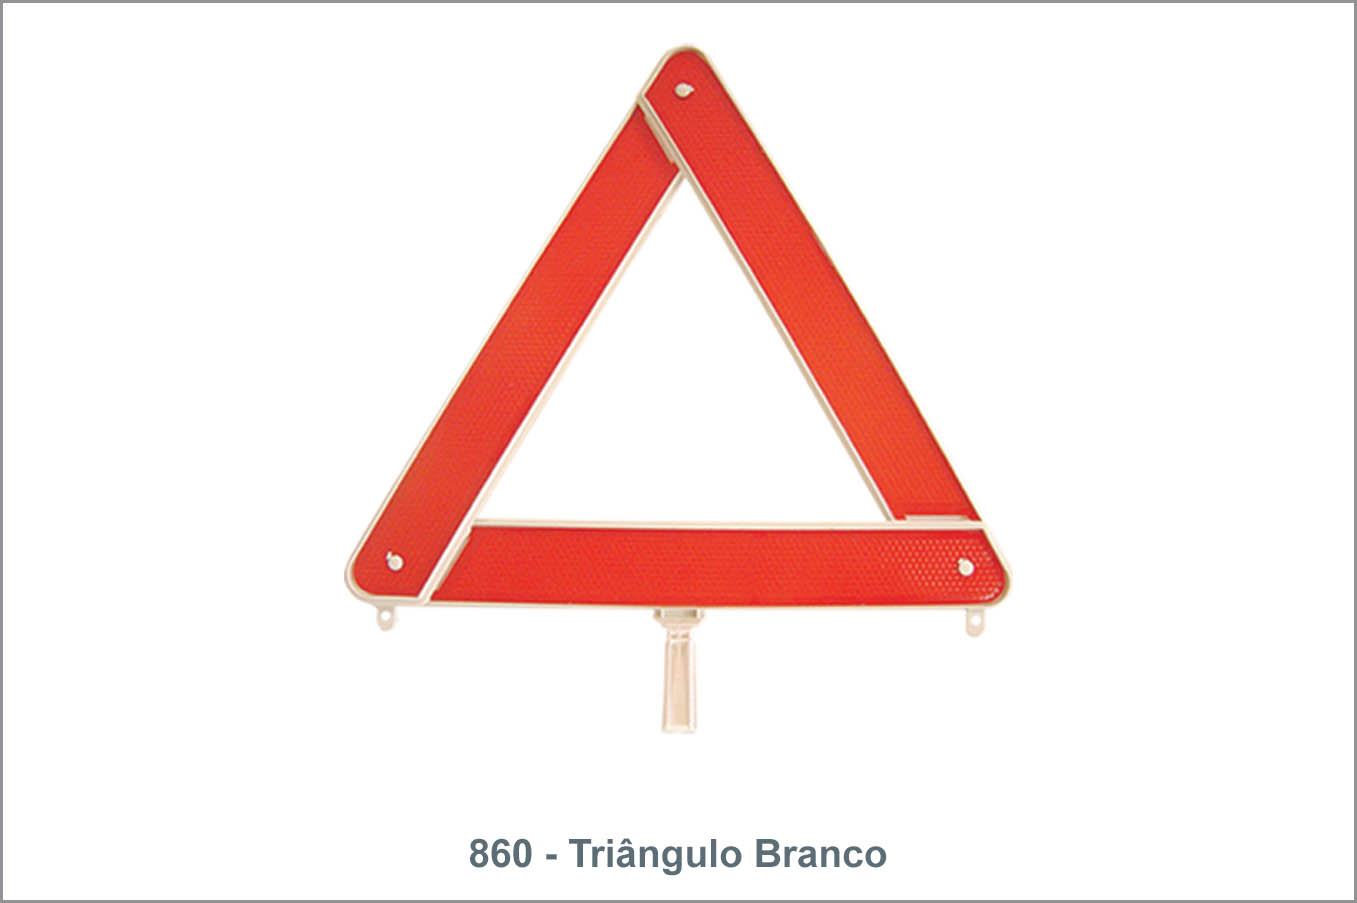 860 Triângulo Branco